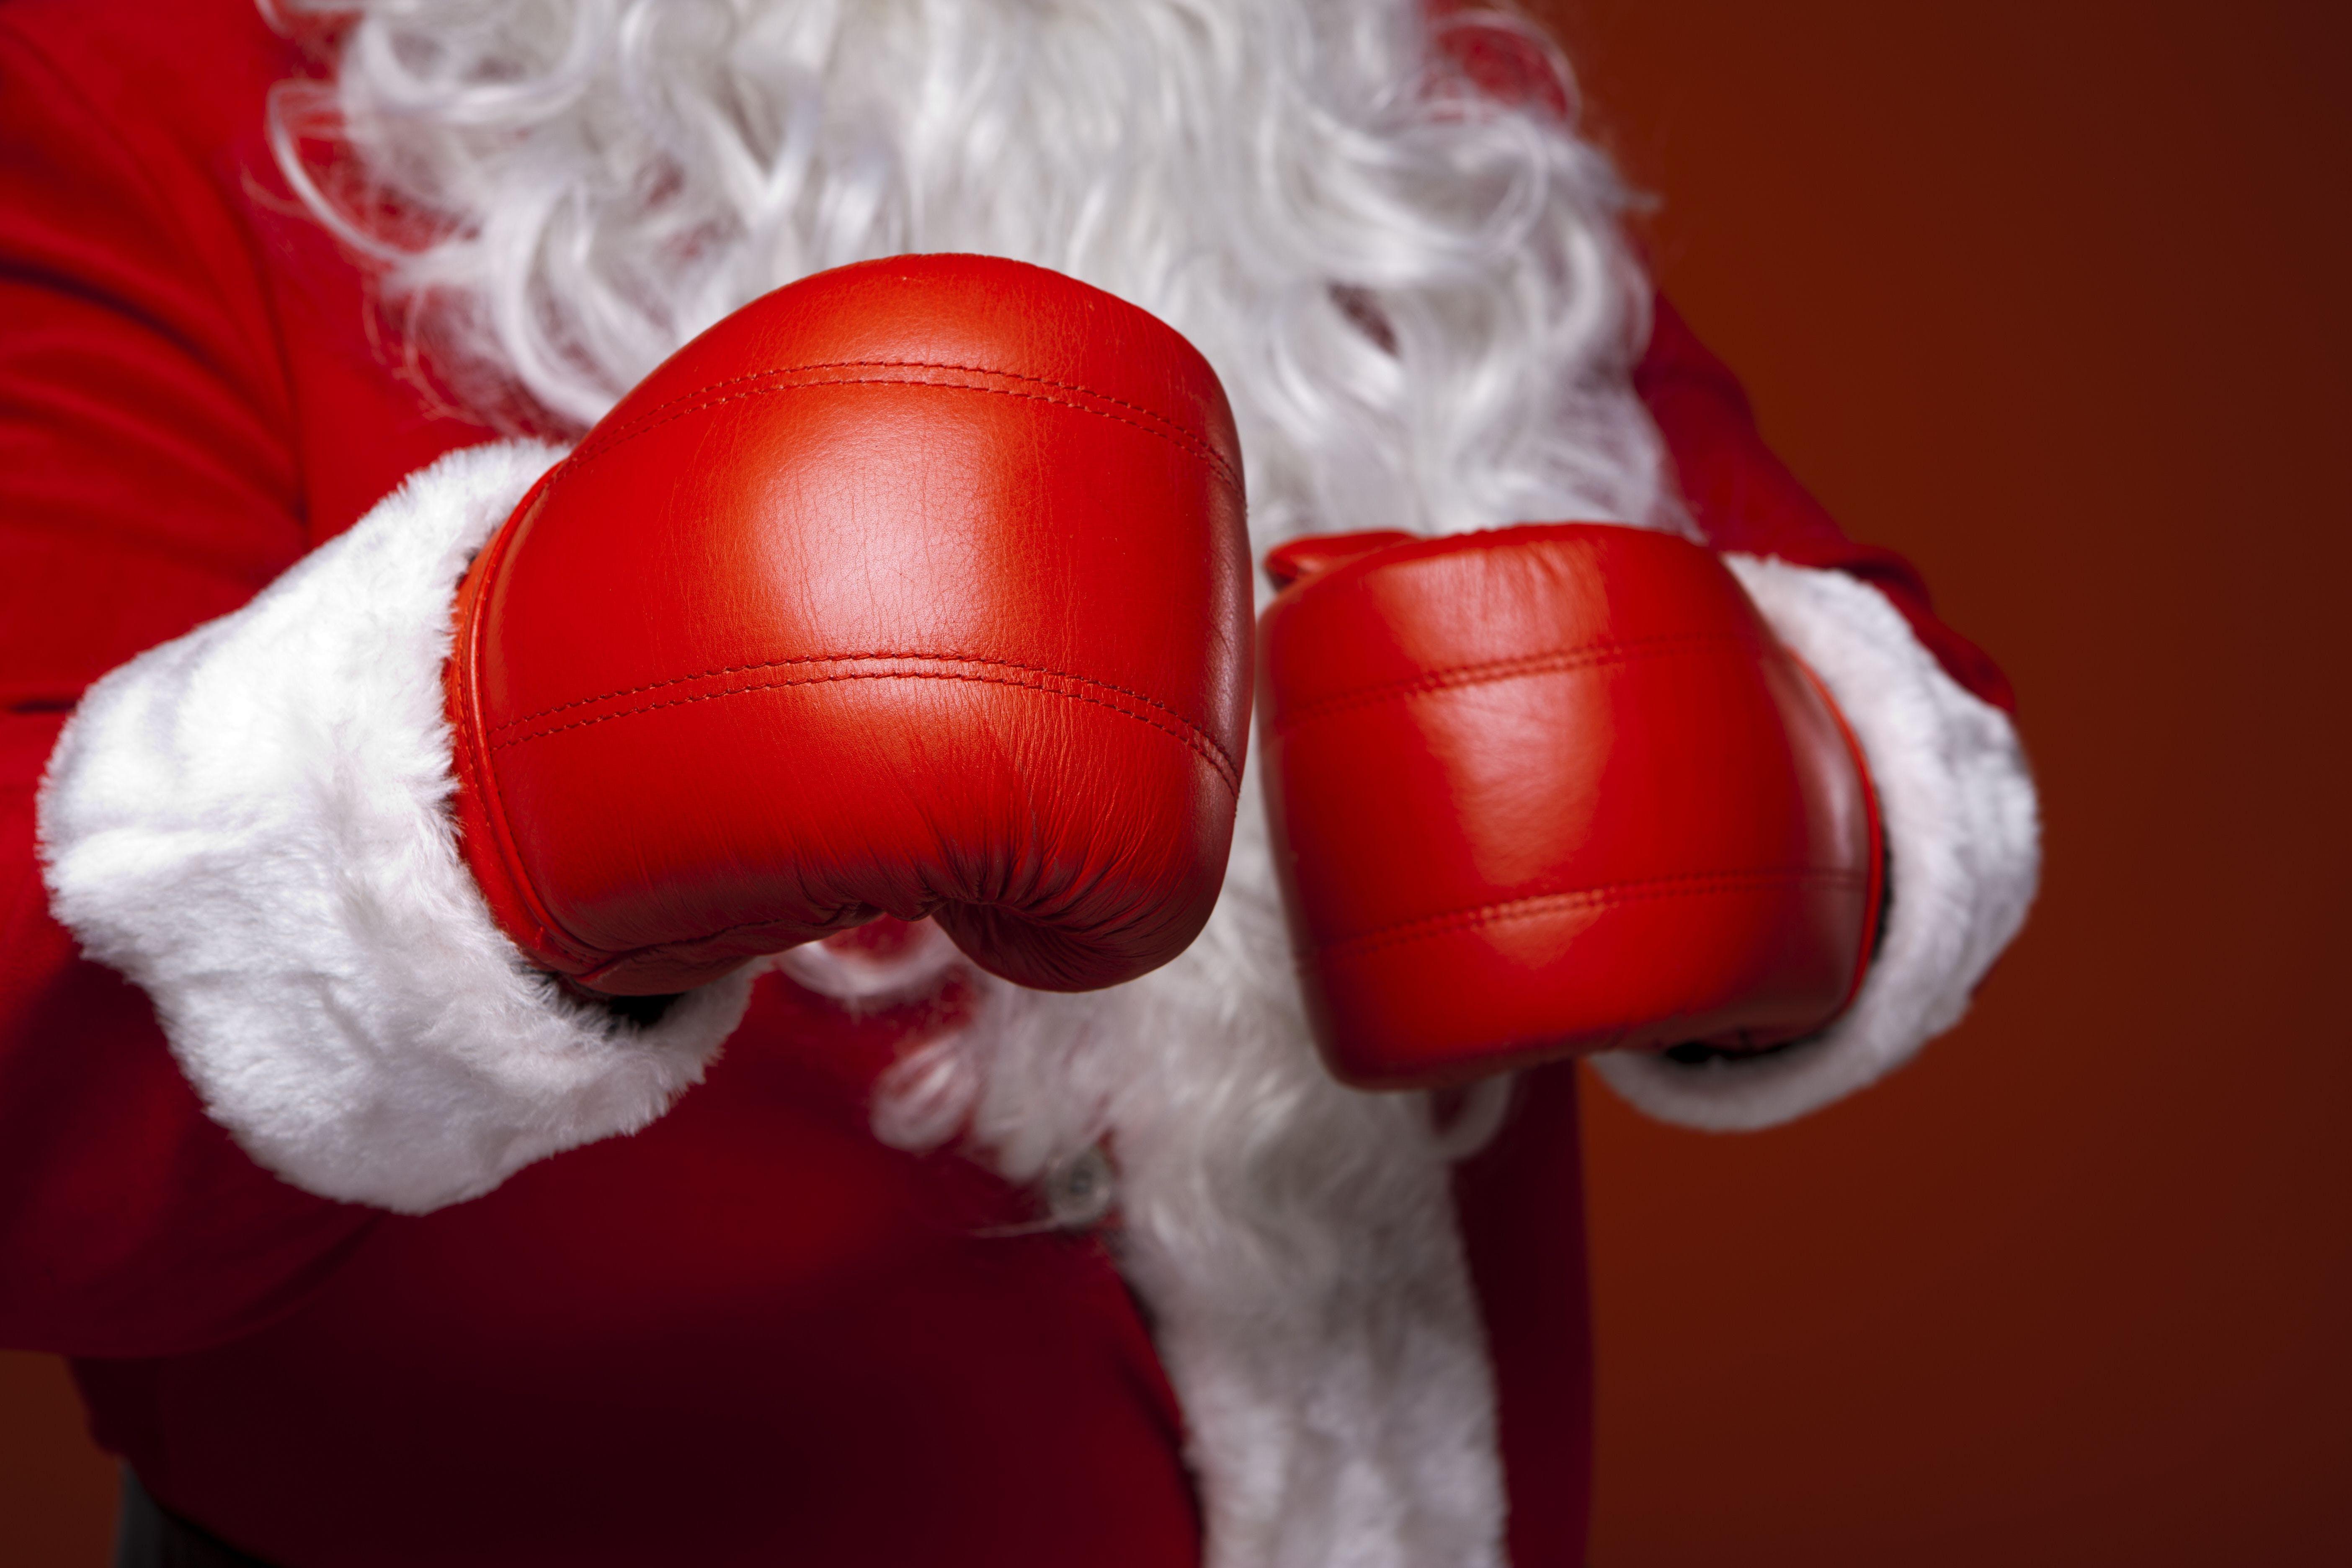 Santa Claus Wearing Boxing Gloves